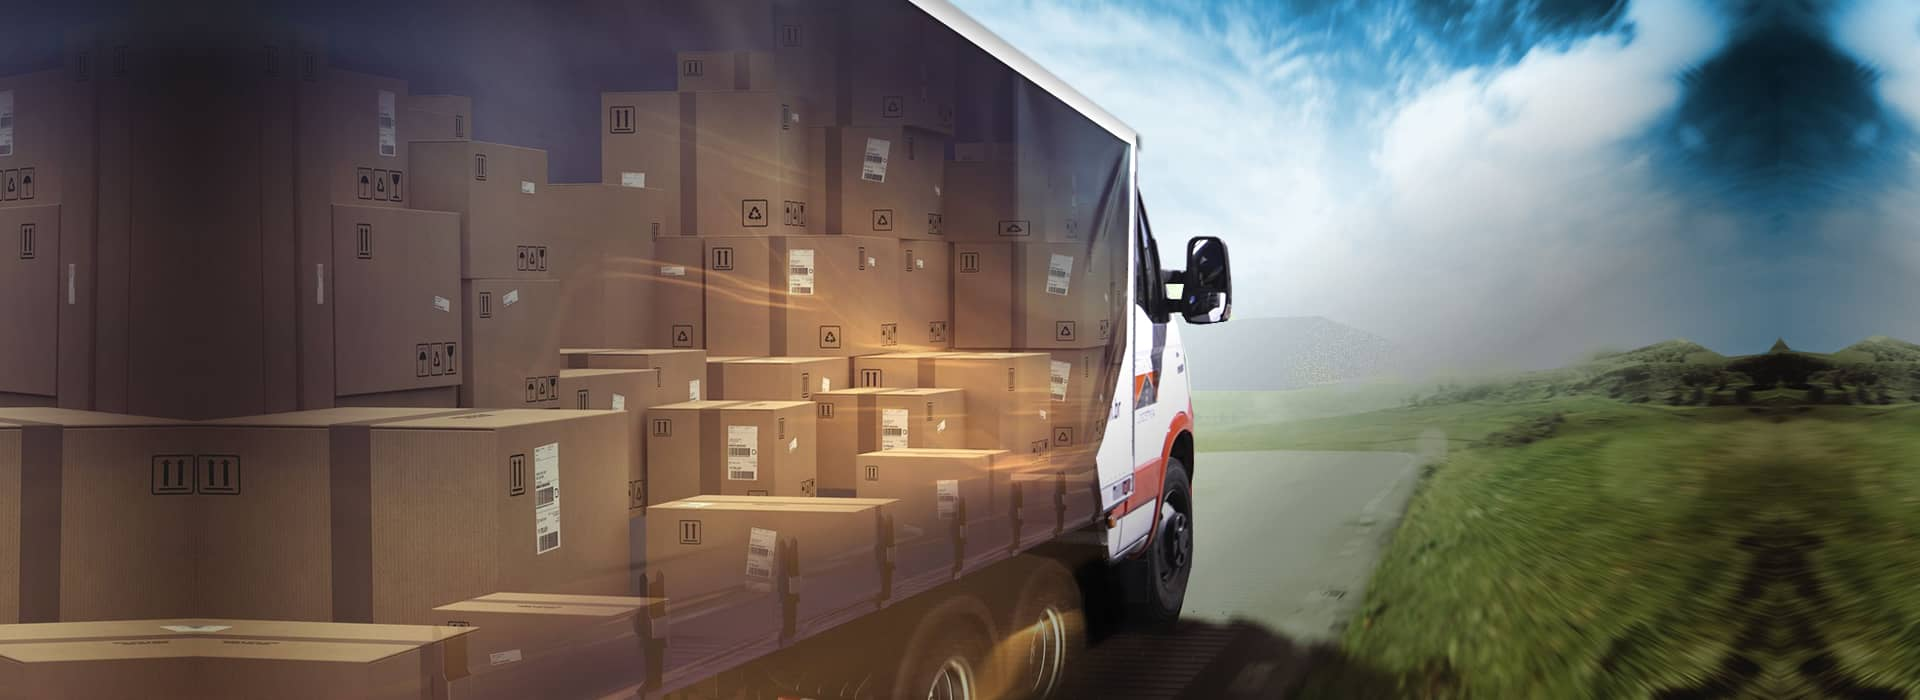 transporte de cargas fracionada transporte ltl less than truckload